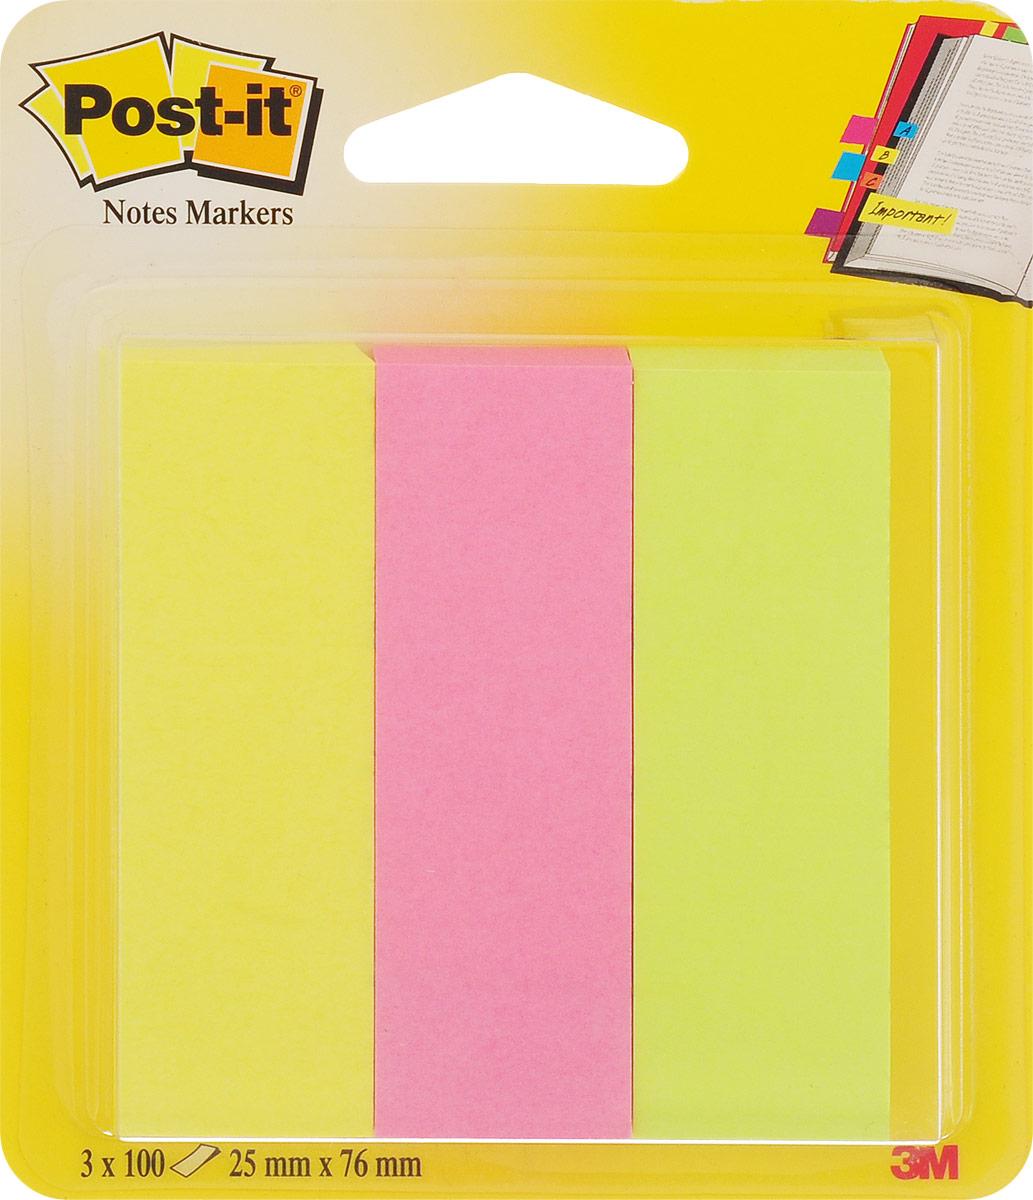 Post-it Закладки самоклеящиеся цвет желтый розовый салатовый 300 шт671-3_жёлтый,розовый,салатовыйЗакладки самоклеящиеся Post-it представлены в трех цветах. Помогают ориентироваться в книгах, учебниках, тетрадях. Хорошо впитывают чернила - можно делать отметки. Не оставляют грязных клейких следов на странице. Закладки экологичны для окружающей среды, так как изготовлены из вторично переработанной бумаги.В упаковке 300 штук.